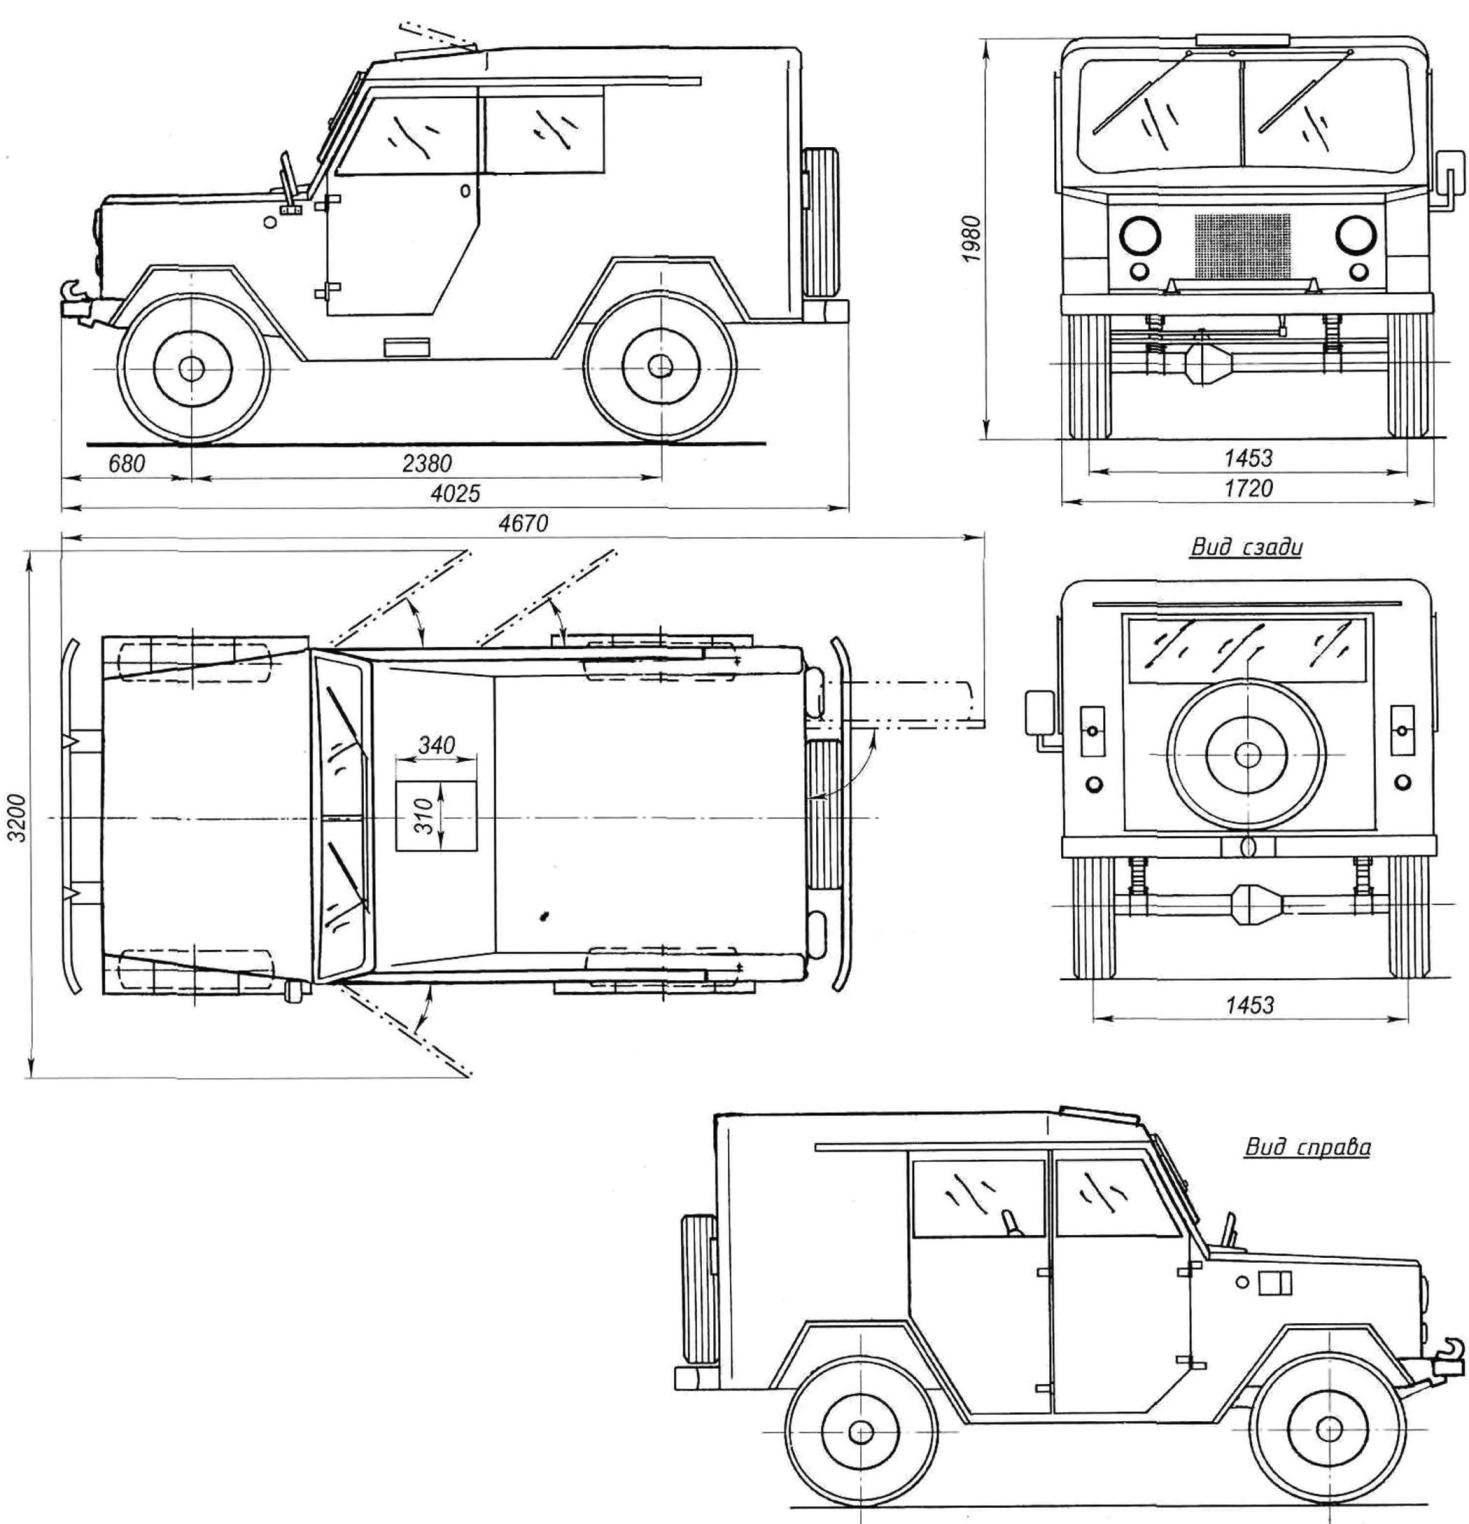 Автомобиль «Козлик» с кузовом любительской постройки, имеющим одну водительскую дверь с левой стороны, две пассажирские — с правой стороны и дополнительную — сзади